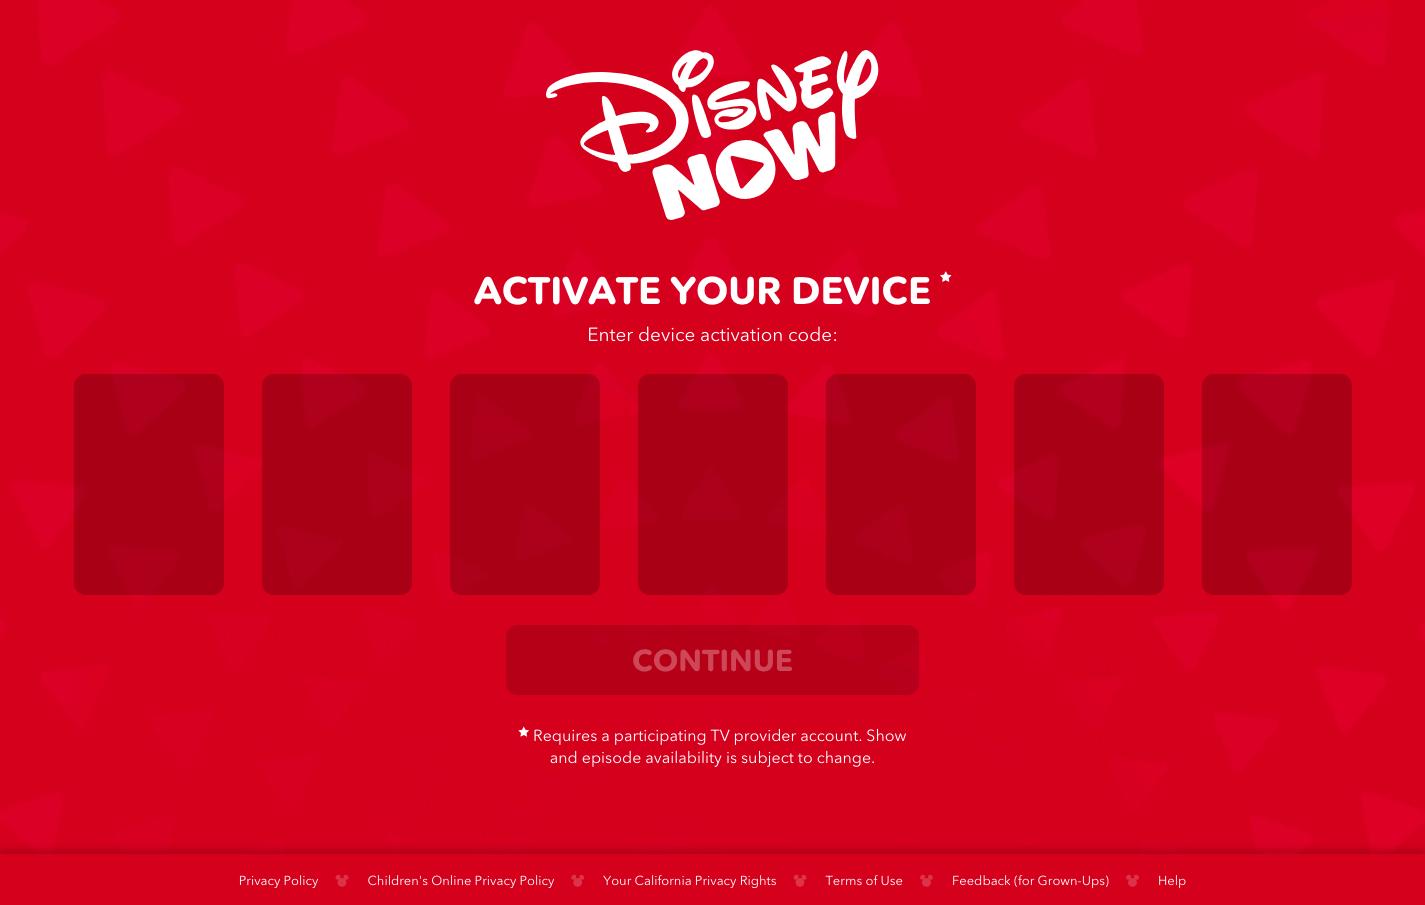 disneynow/activate